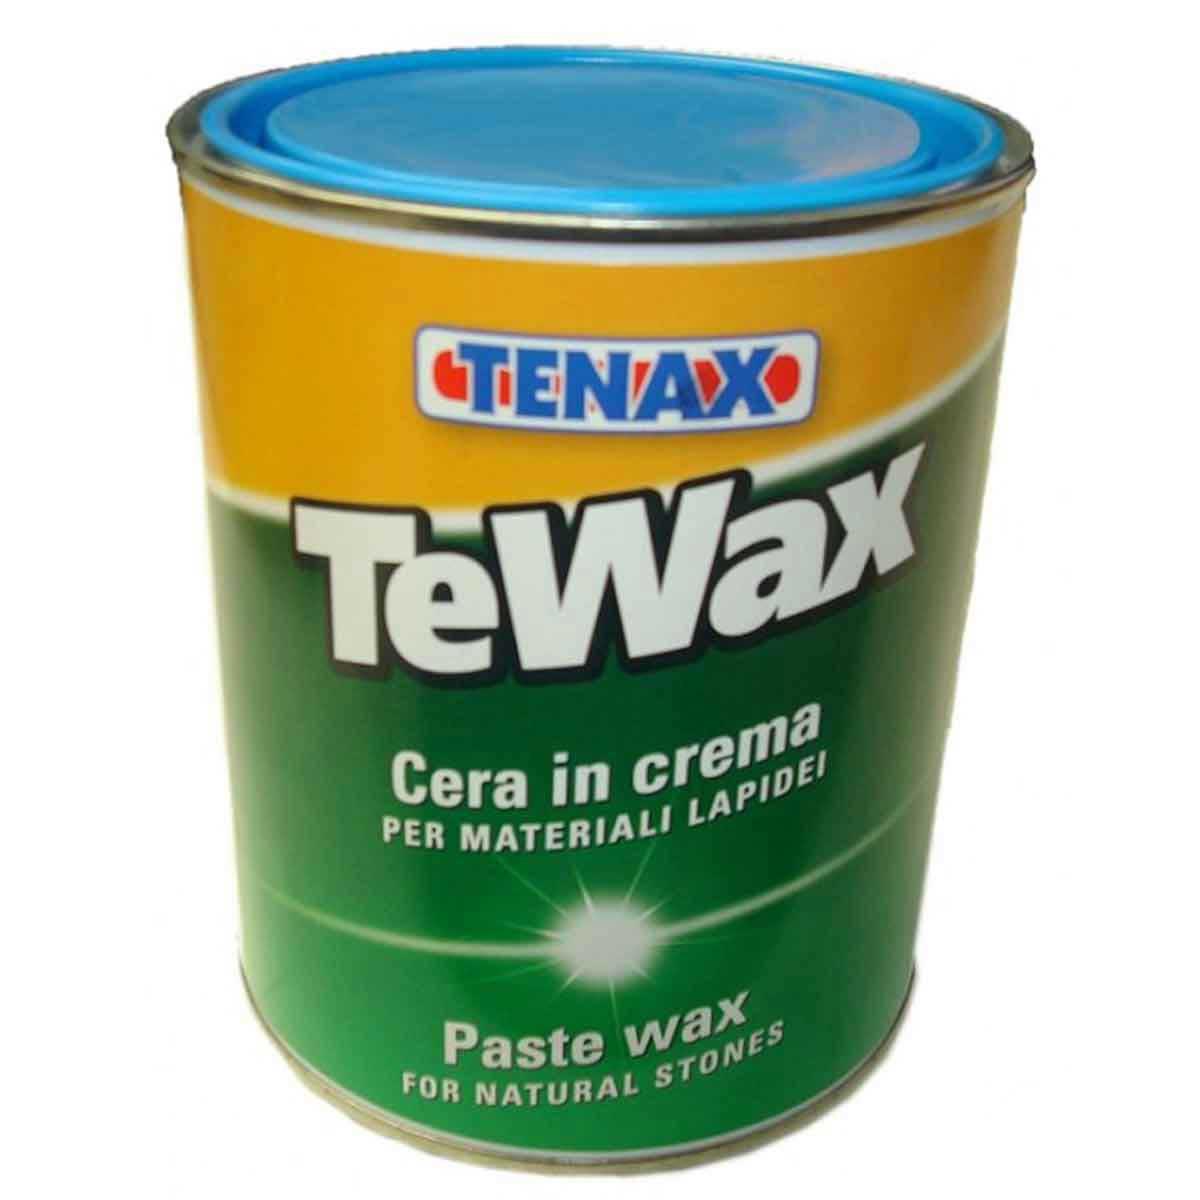 Tenax Tewax Paste Wax Contractors Direct